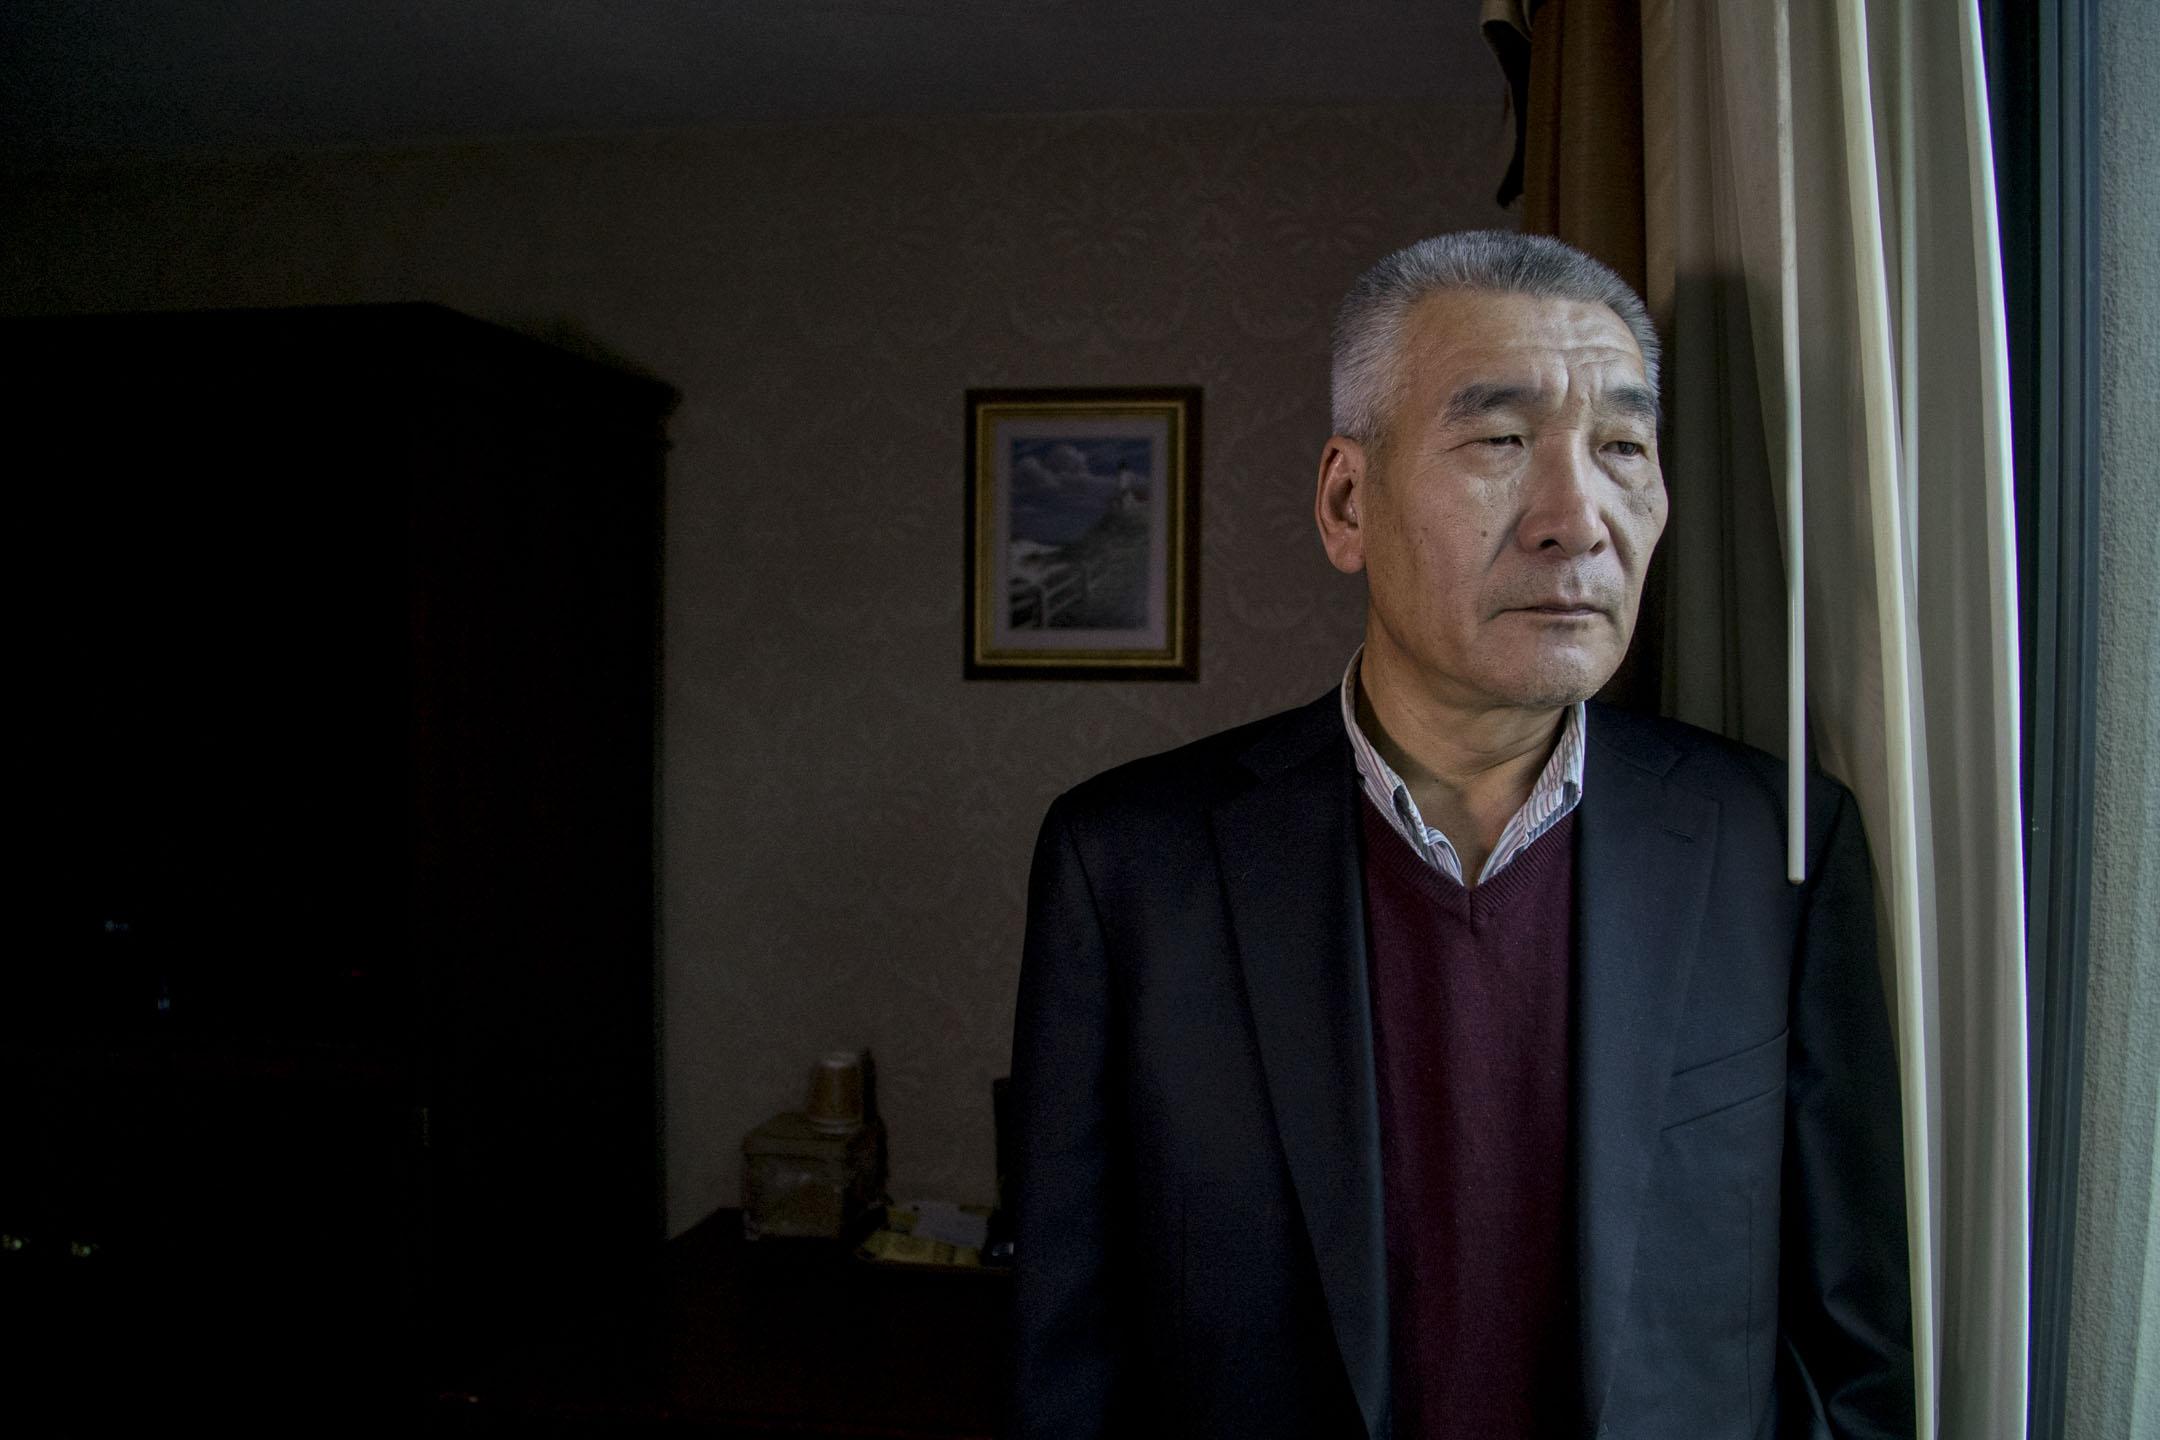 近1.9米高、留着板寸頭的山東大漢孫立勇,曾在北京當警察,作為六四抗暴者親歷了八九學運。 攝:Yuhong Pang /端傳媒